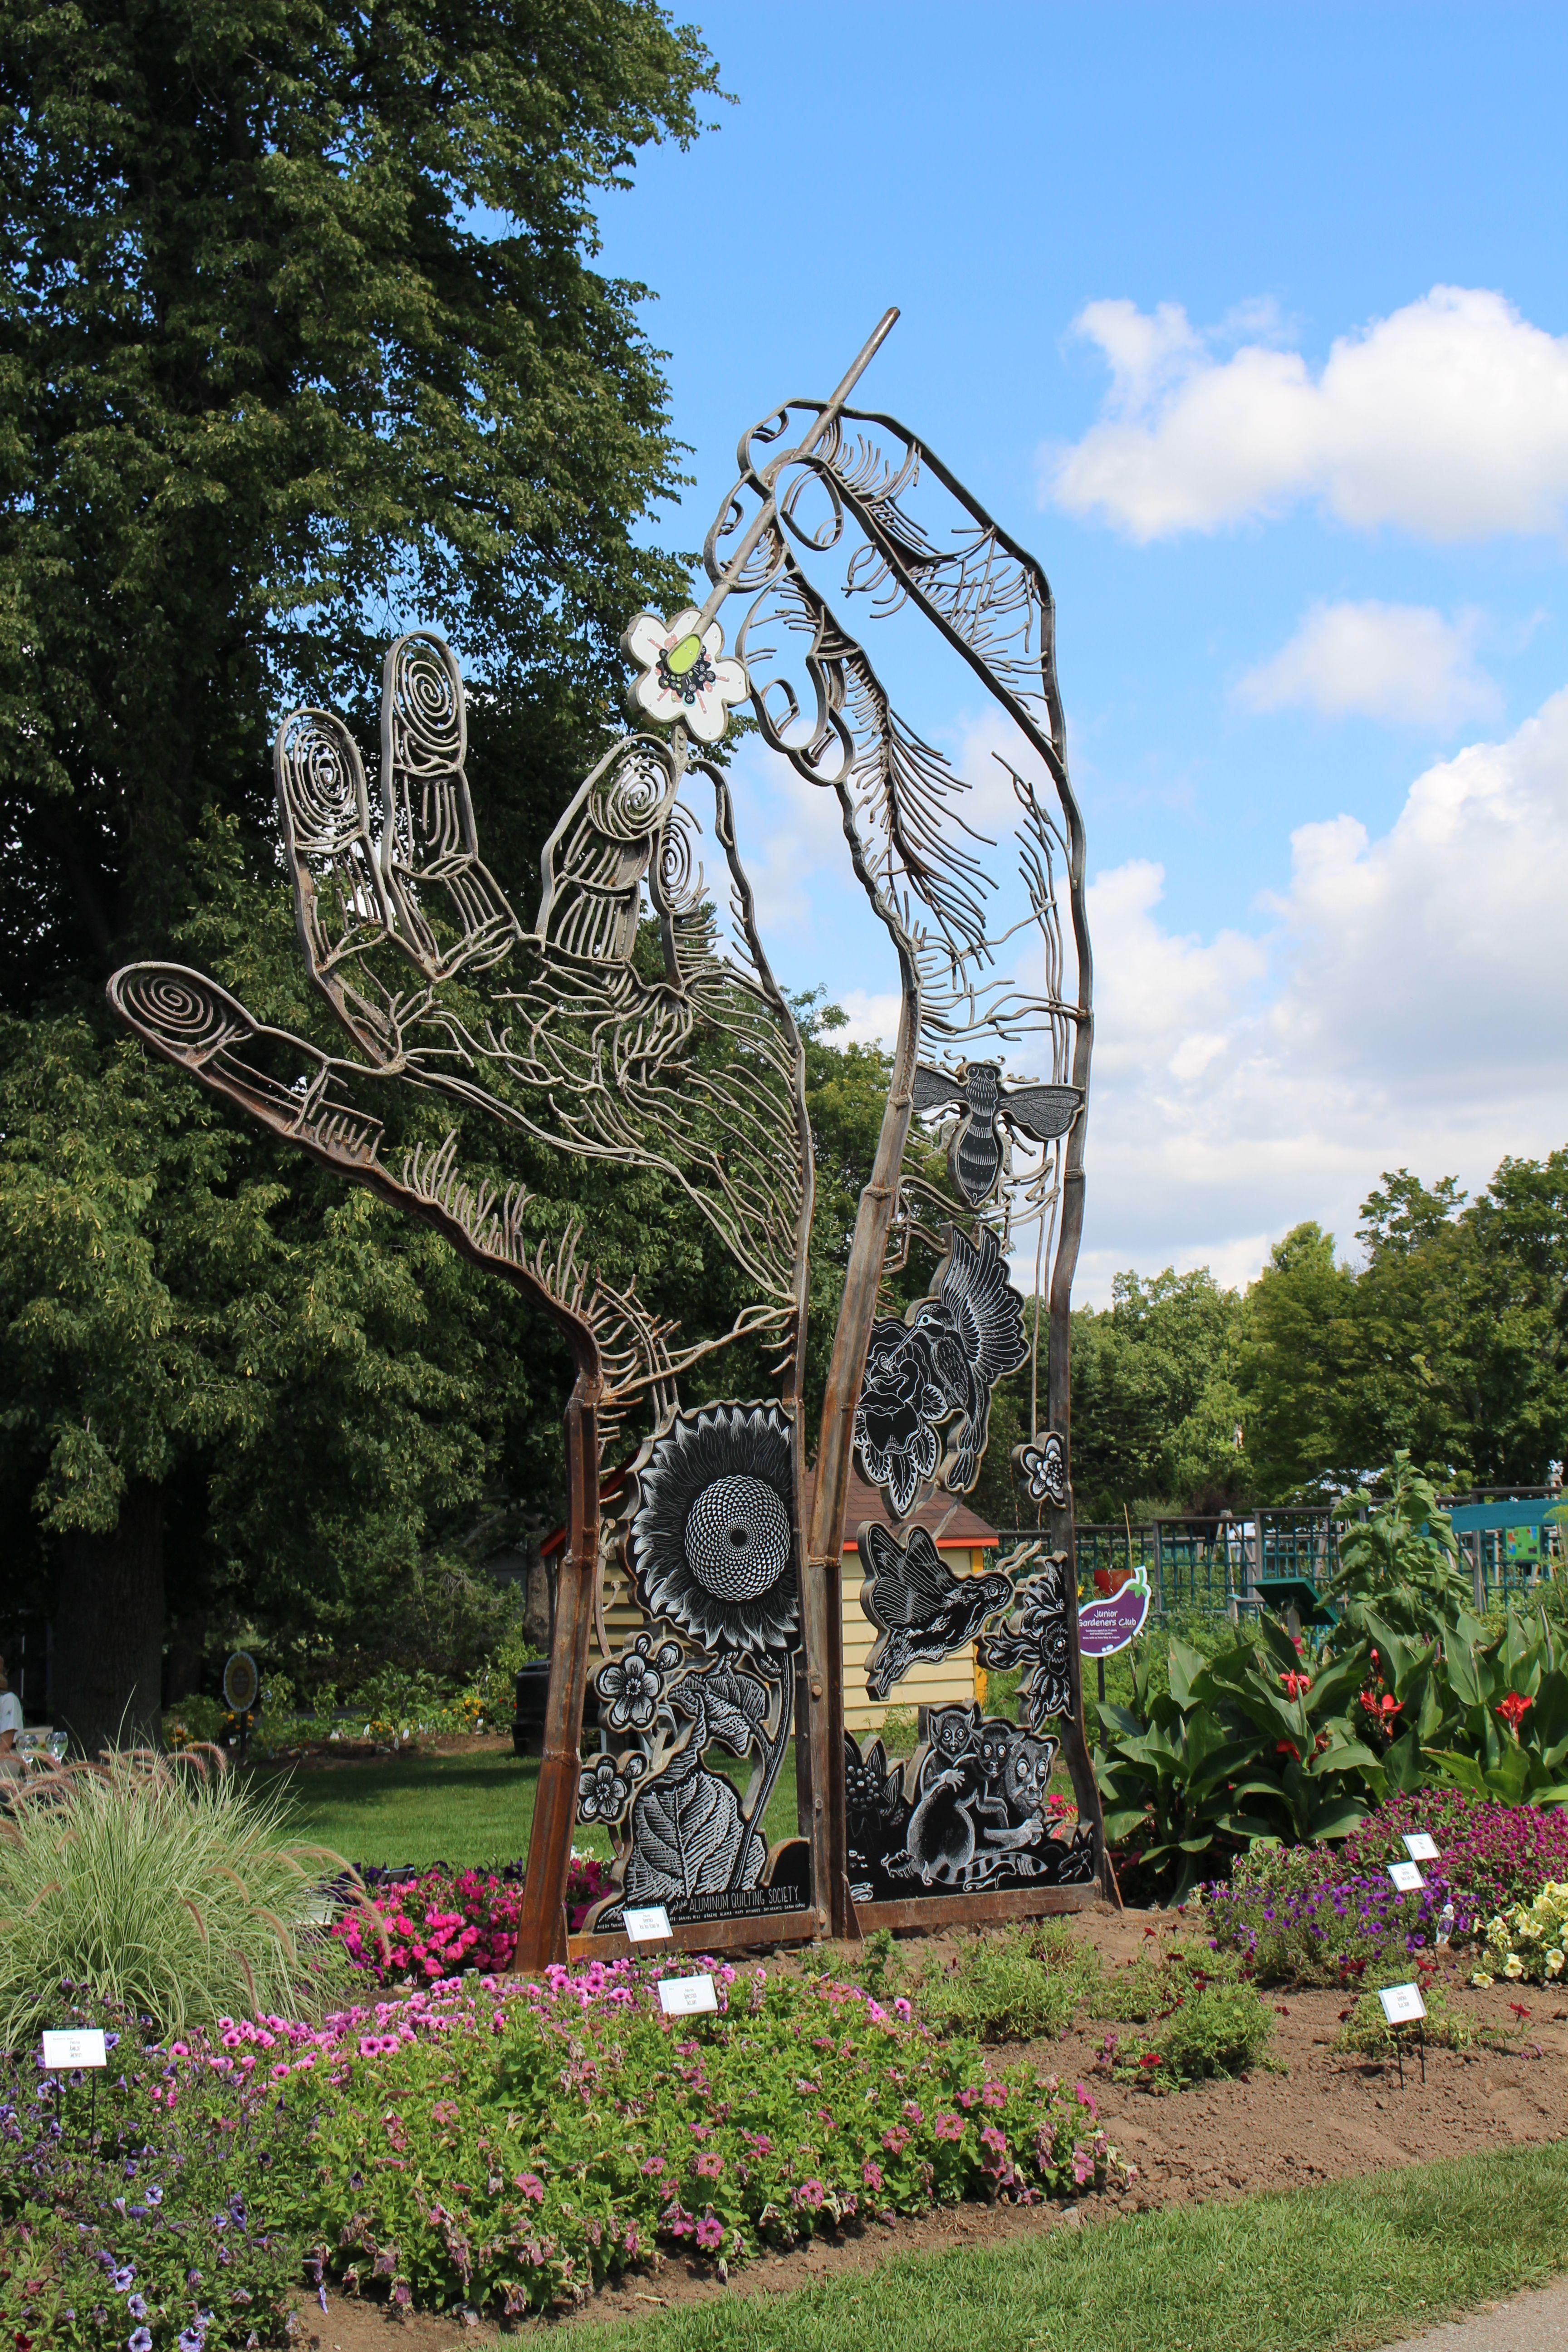 aa4873d078f4fd1e494344b9743a334c - Royal Botanical Gardens Hamilton Ontario Canada